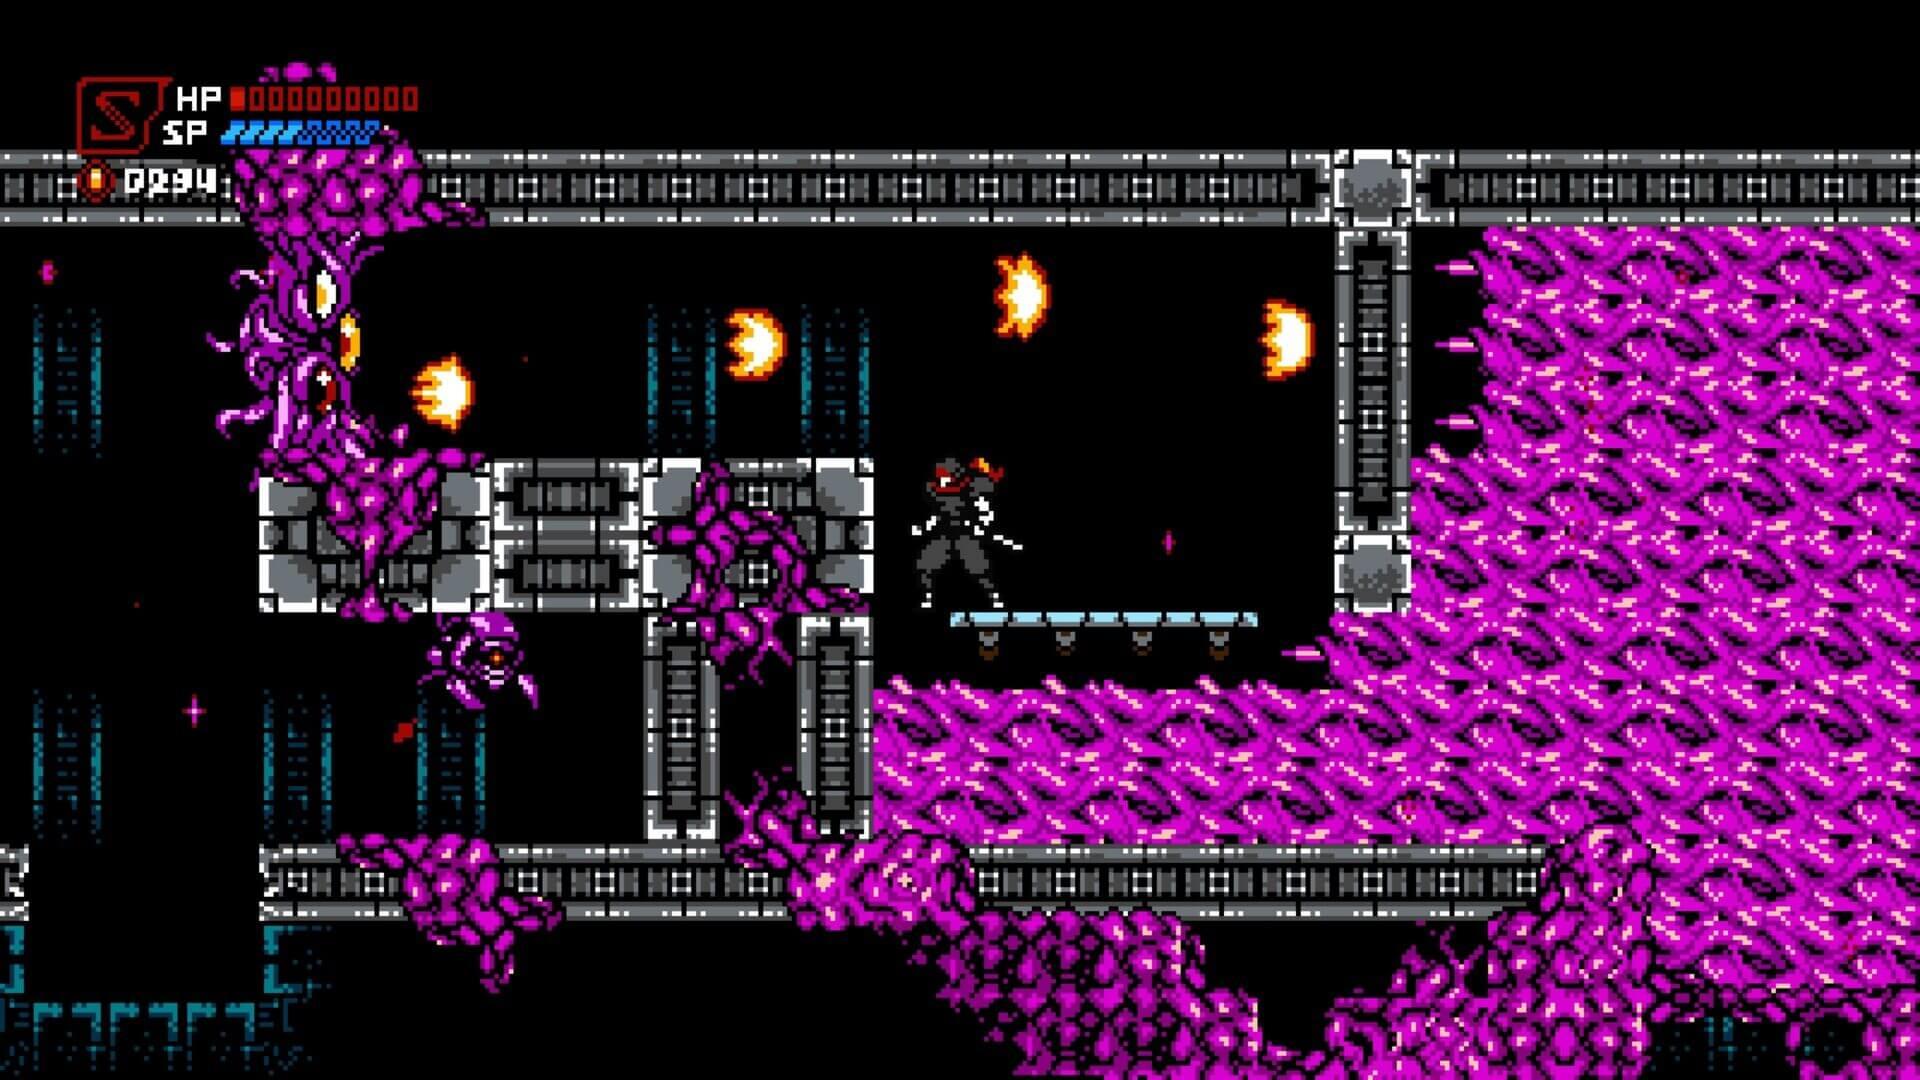 Cyber Shadow, Yacht Club Games, Delfos, Mechanical Head Studios